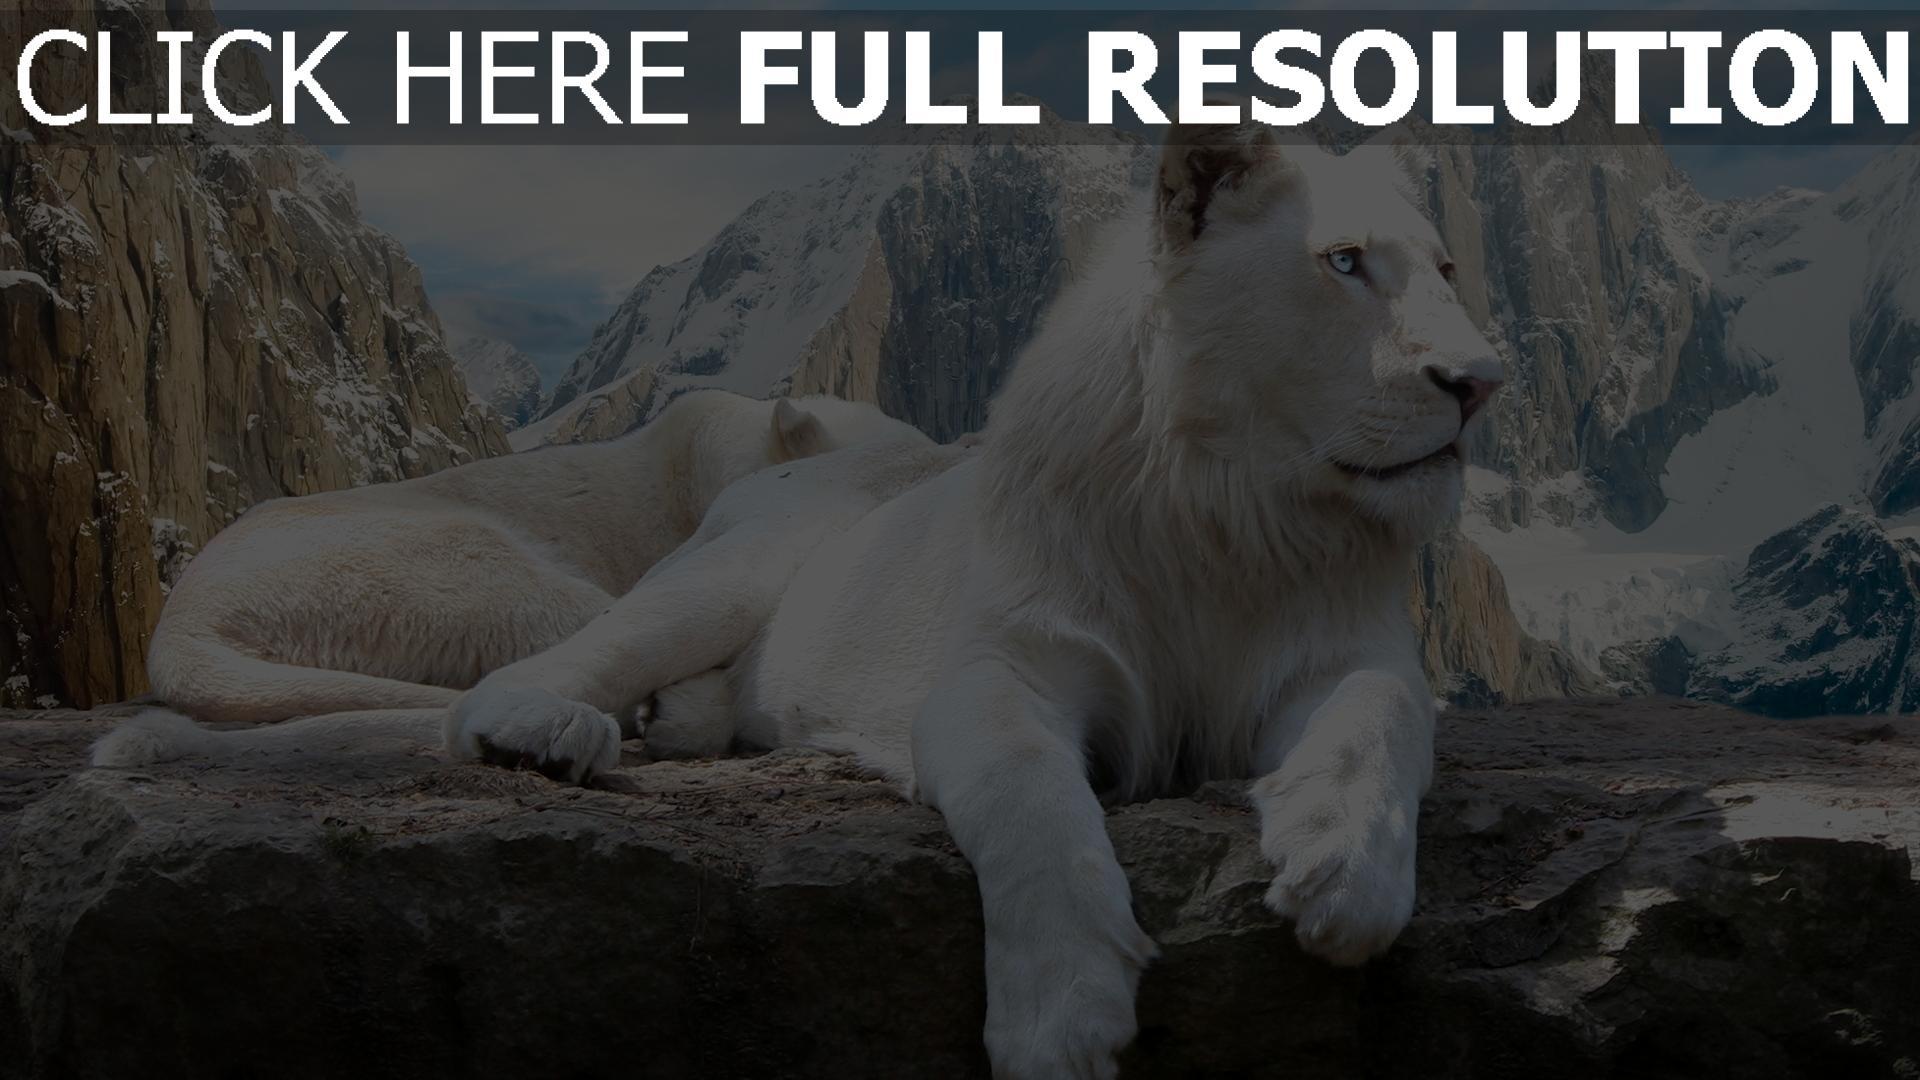 fond d'écran 1920x1080 lion blanc montagne enneigé